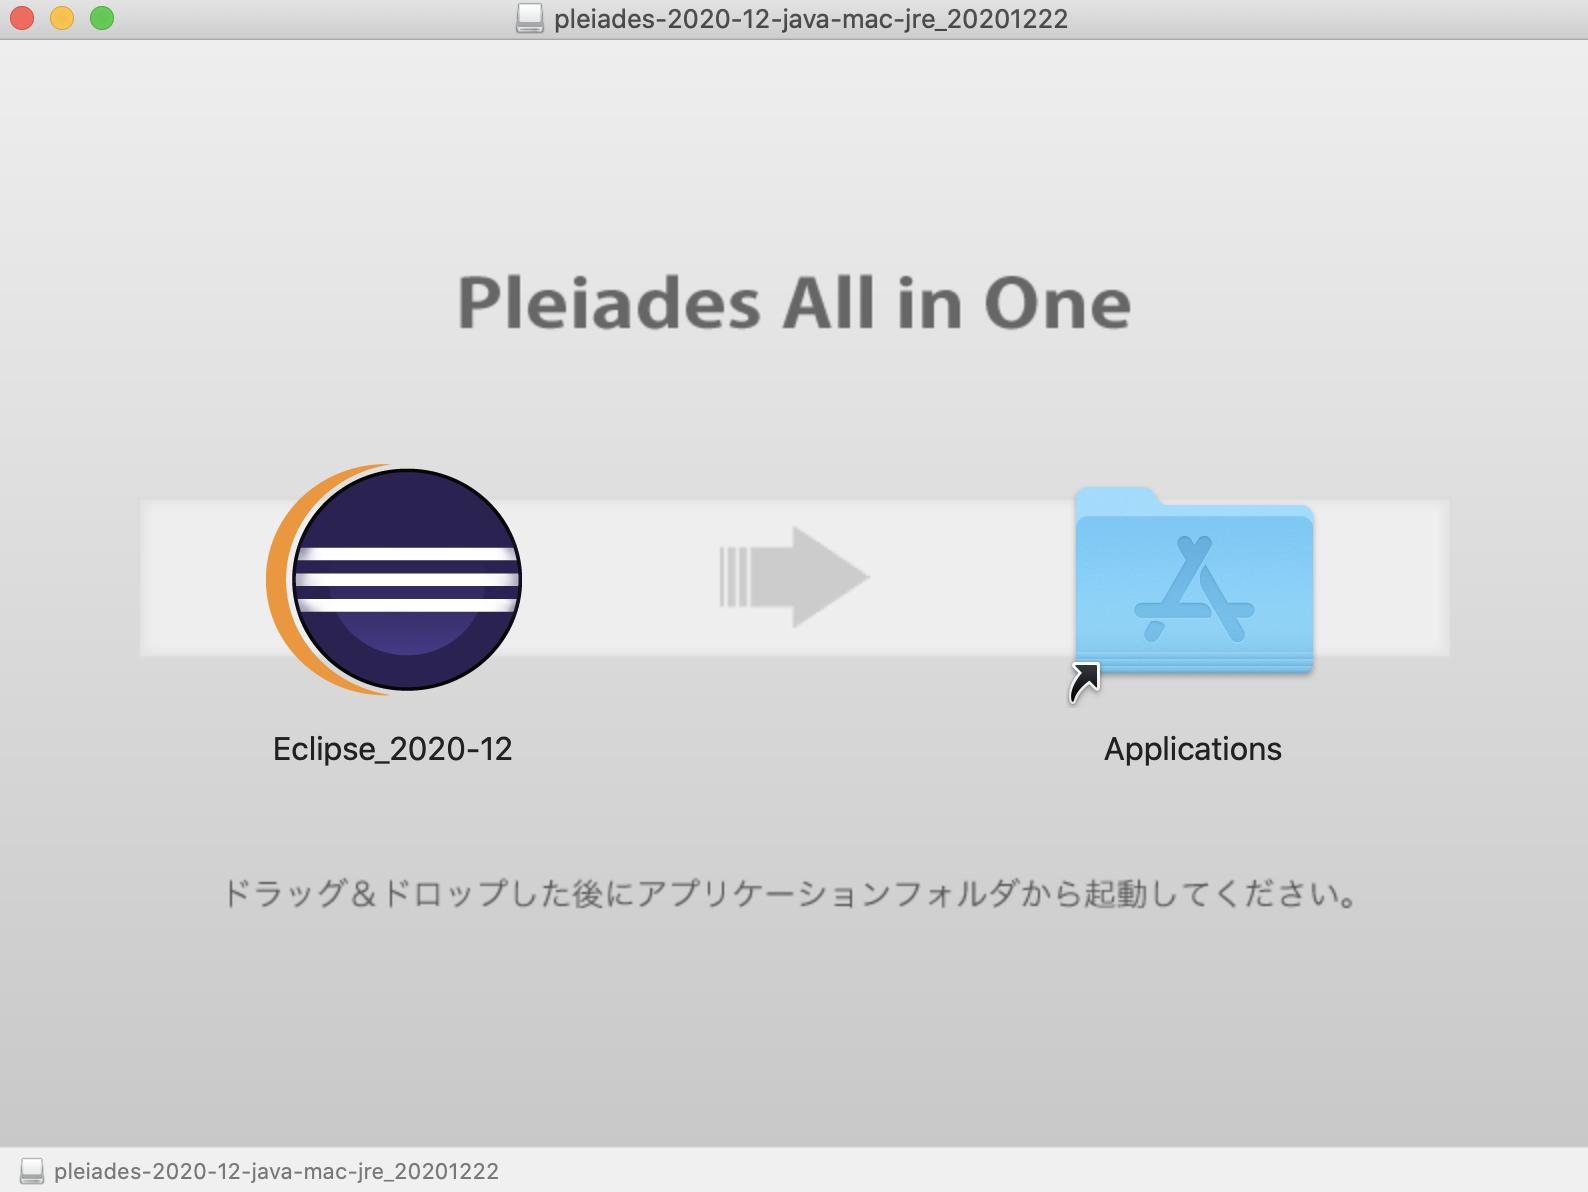 Pleiadesをアプリケーションフォルダに格納